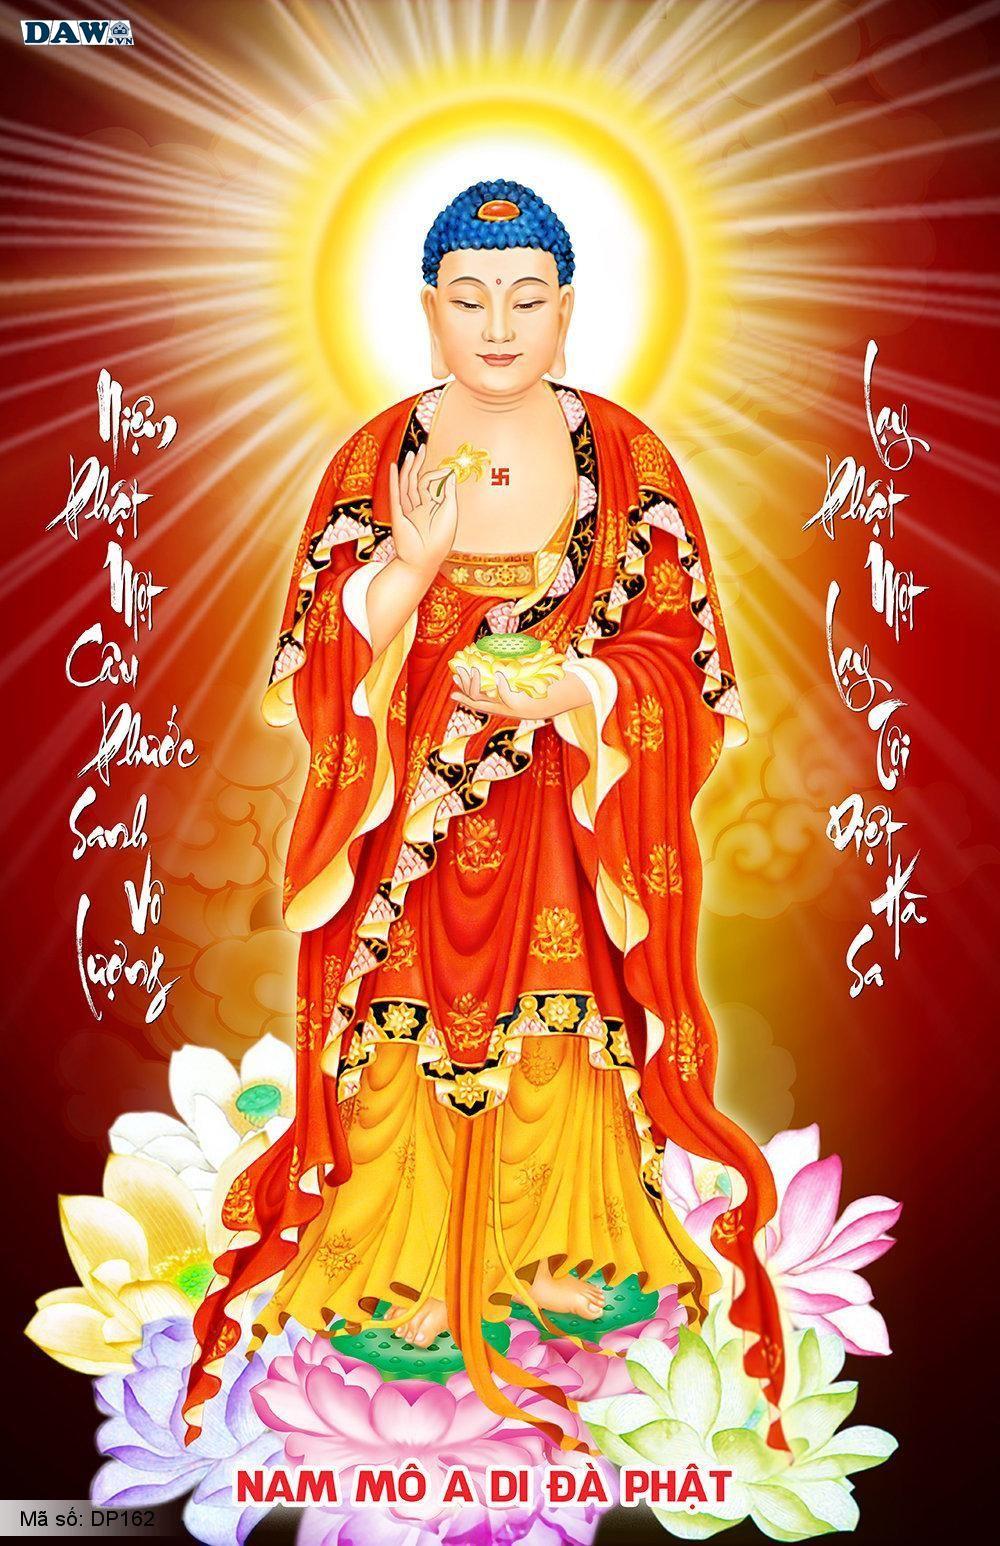 Tranh dán tường Đạo Phật, Tôn Giáo, Thiên Chúa Giáo đẹp nhất